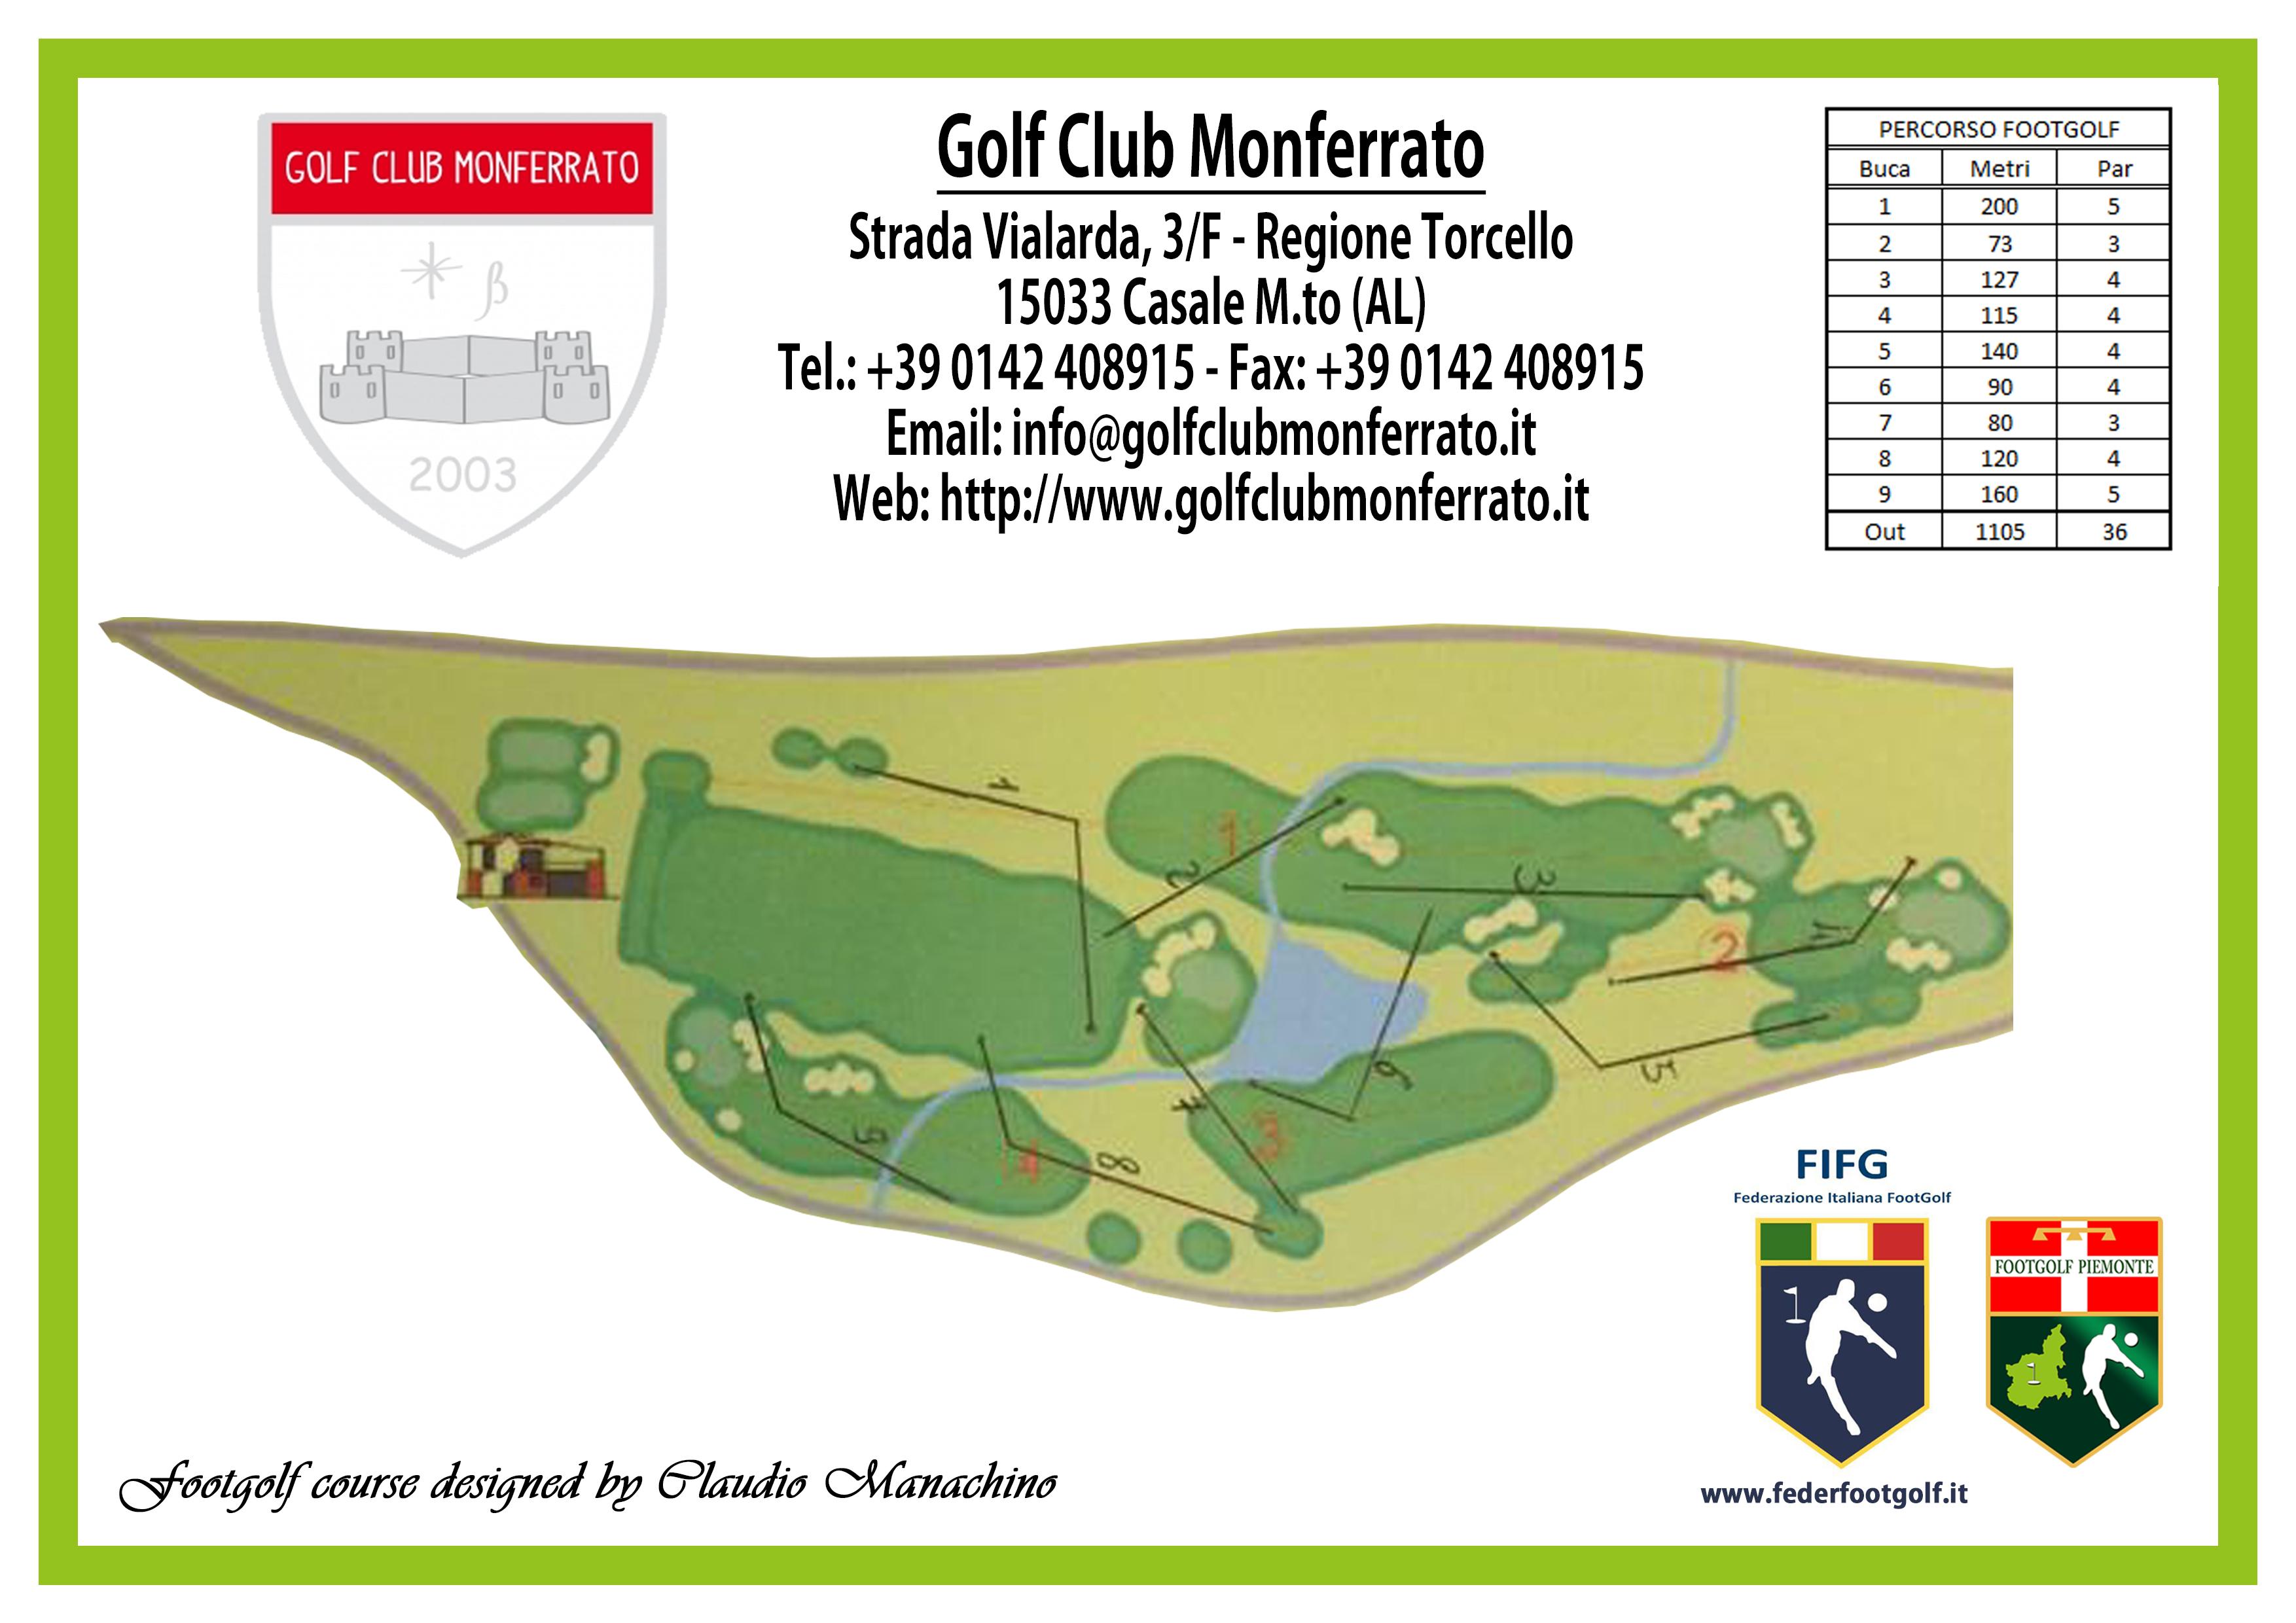 Percorso di gara 9 buche footgolf del Golf Club Monferrato